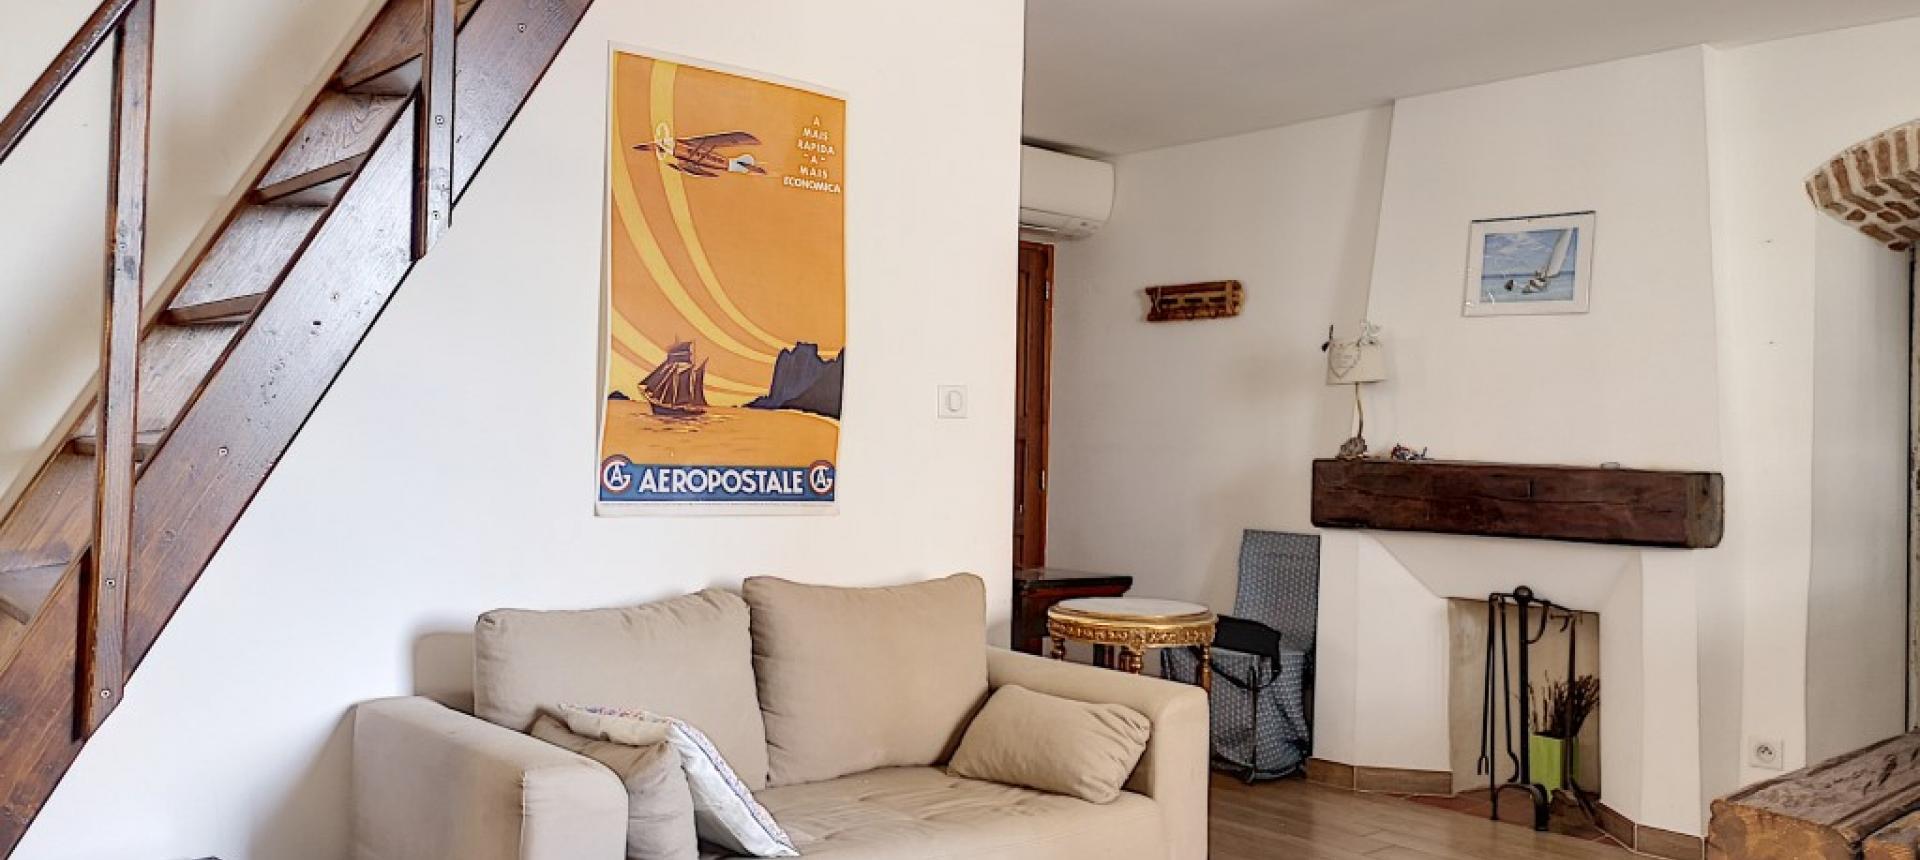 F2 meublé à louer au cœur de la ville d'Ajaccio coin salon